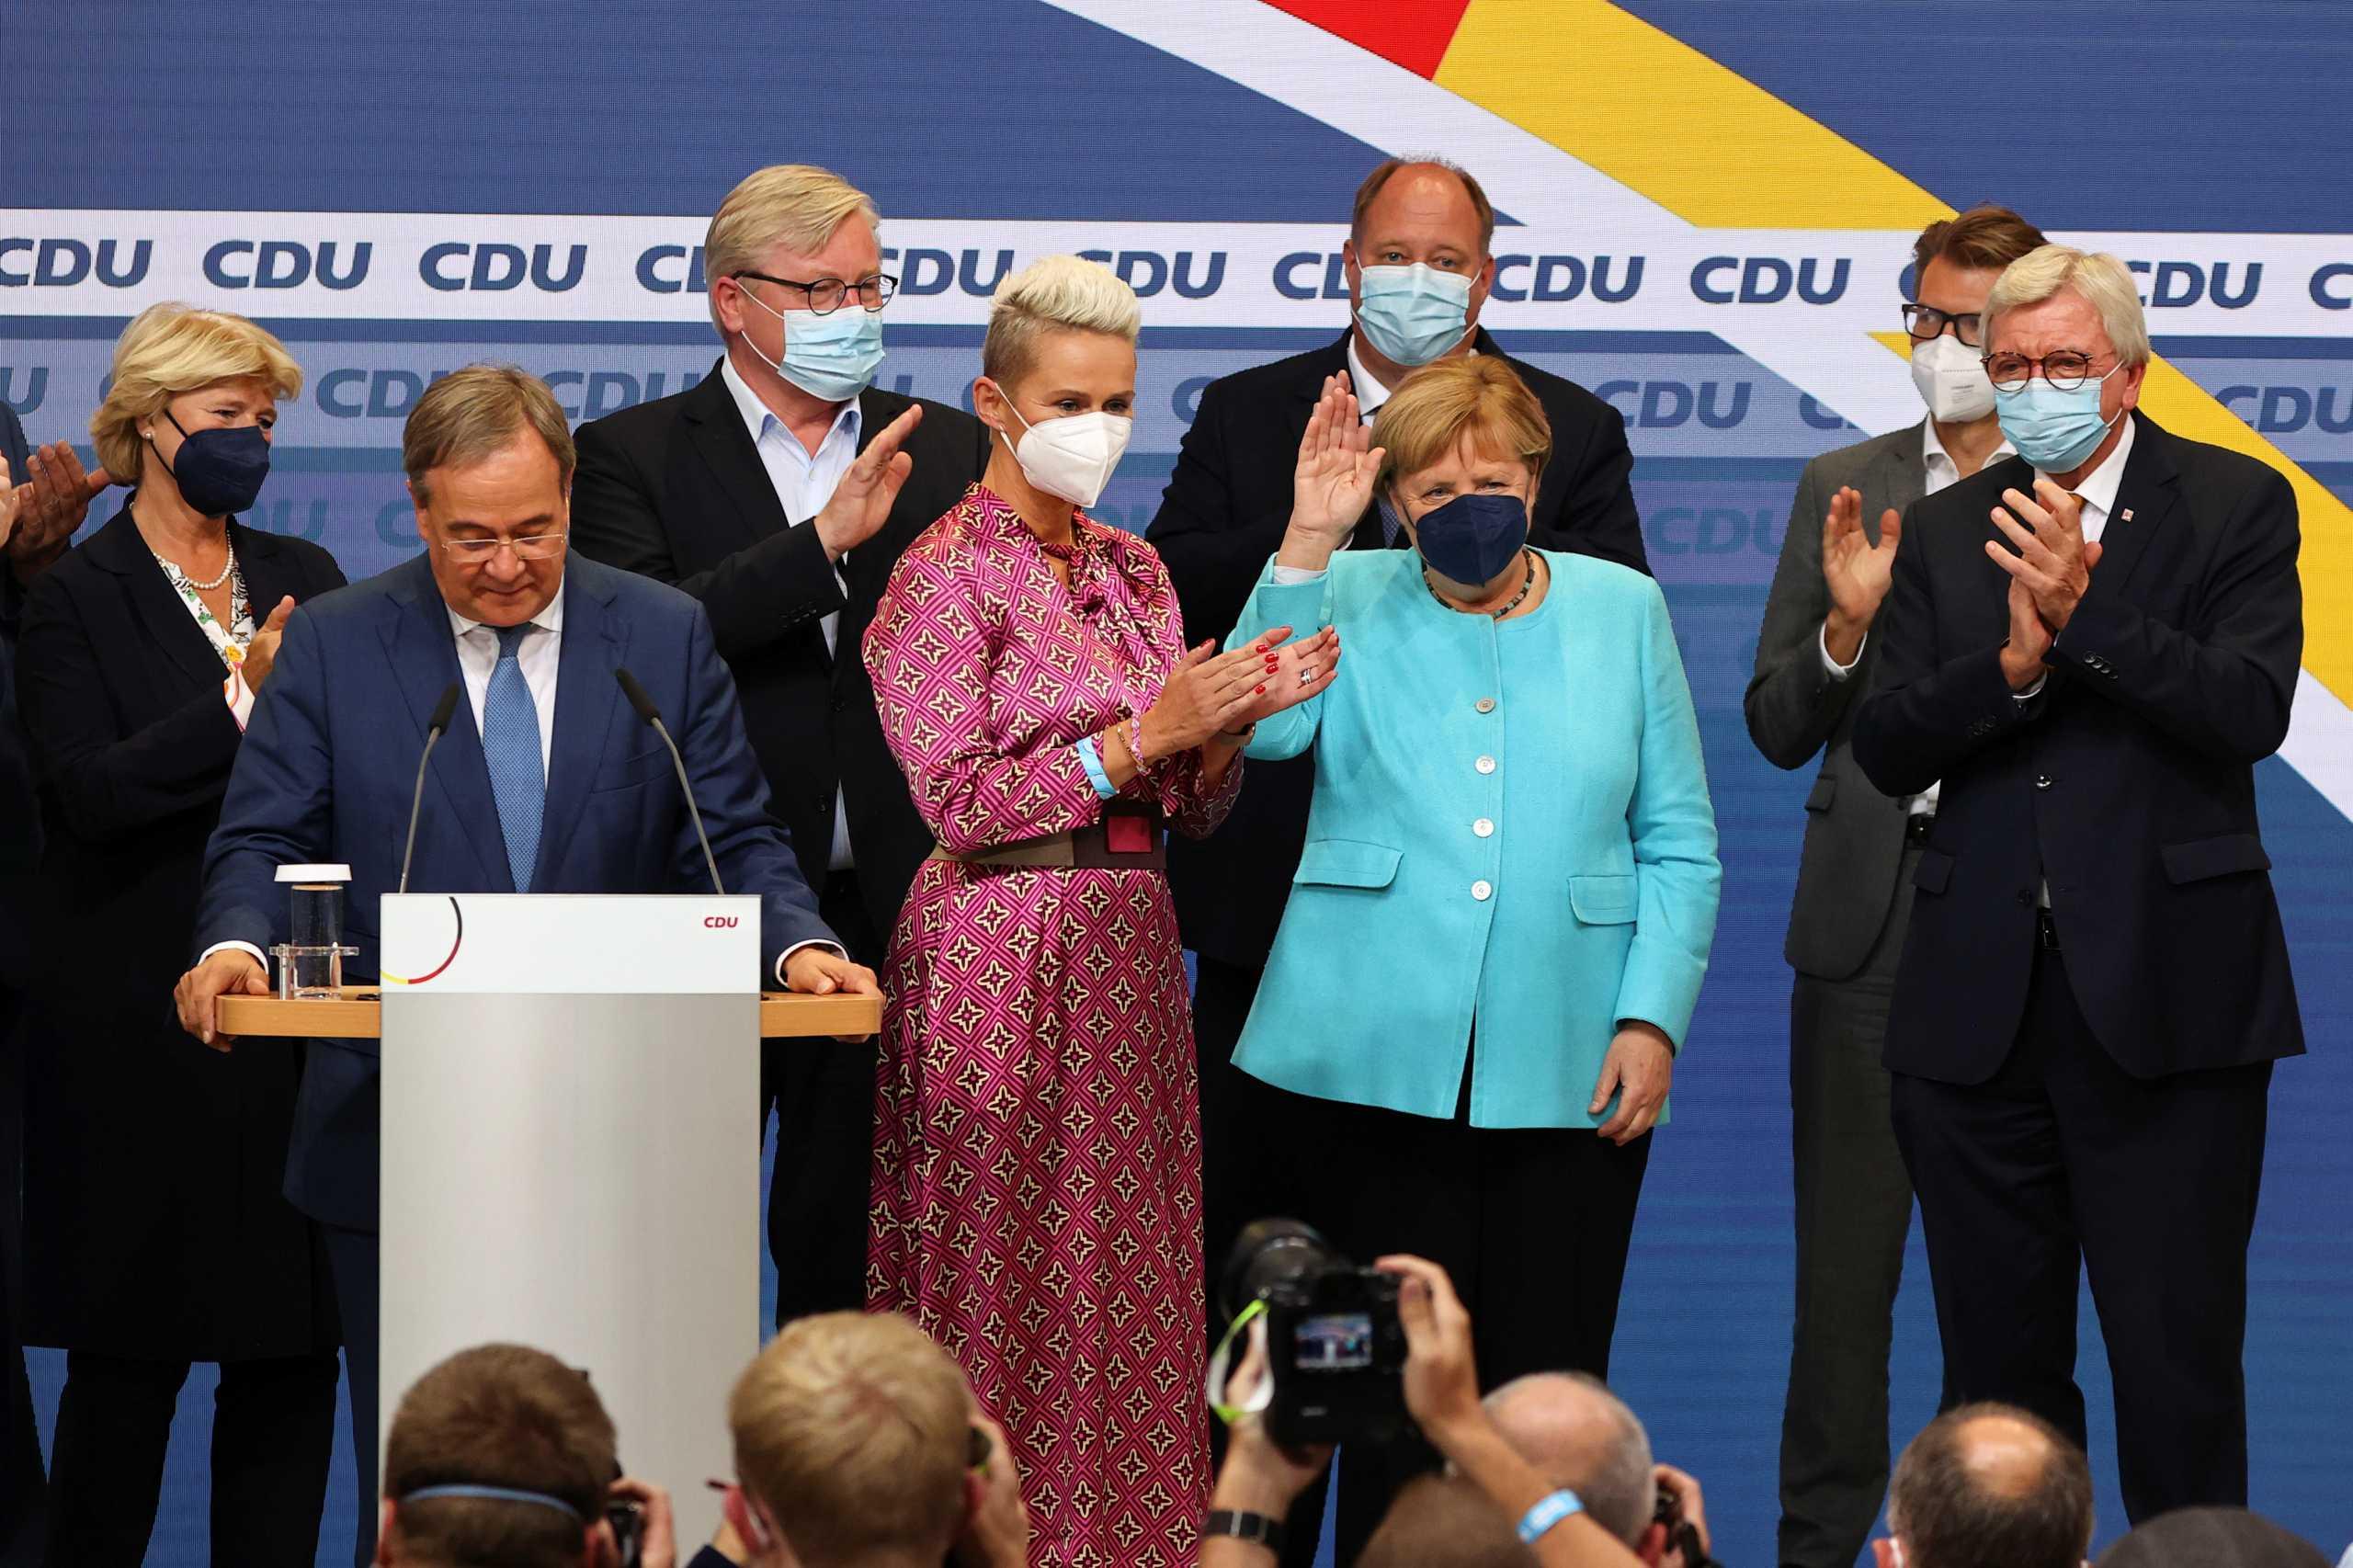 Γερμανικές εκλογές – Exit Polls: Η πρώτη αντίδραση της Μέρκελ – Απογοήτευση στο CDU/CSU